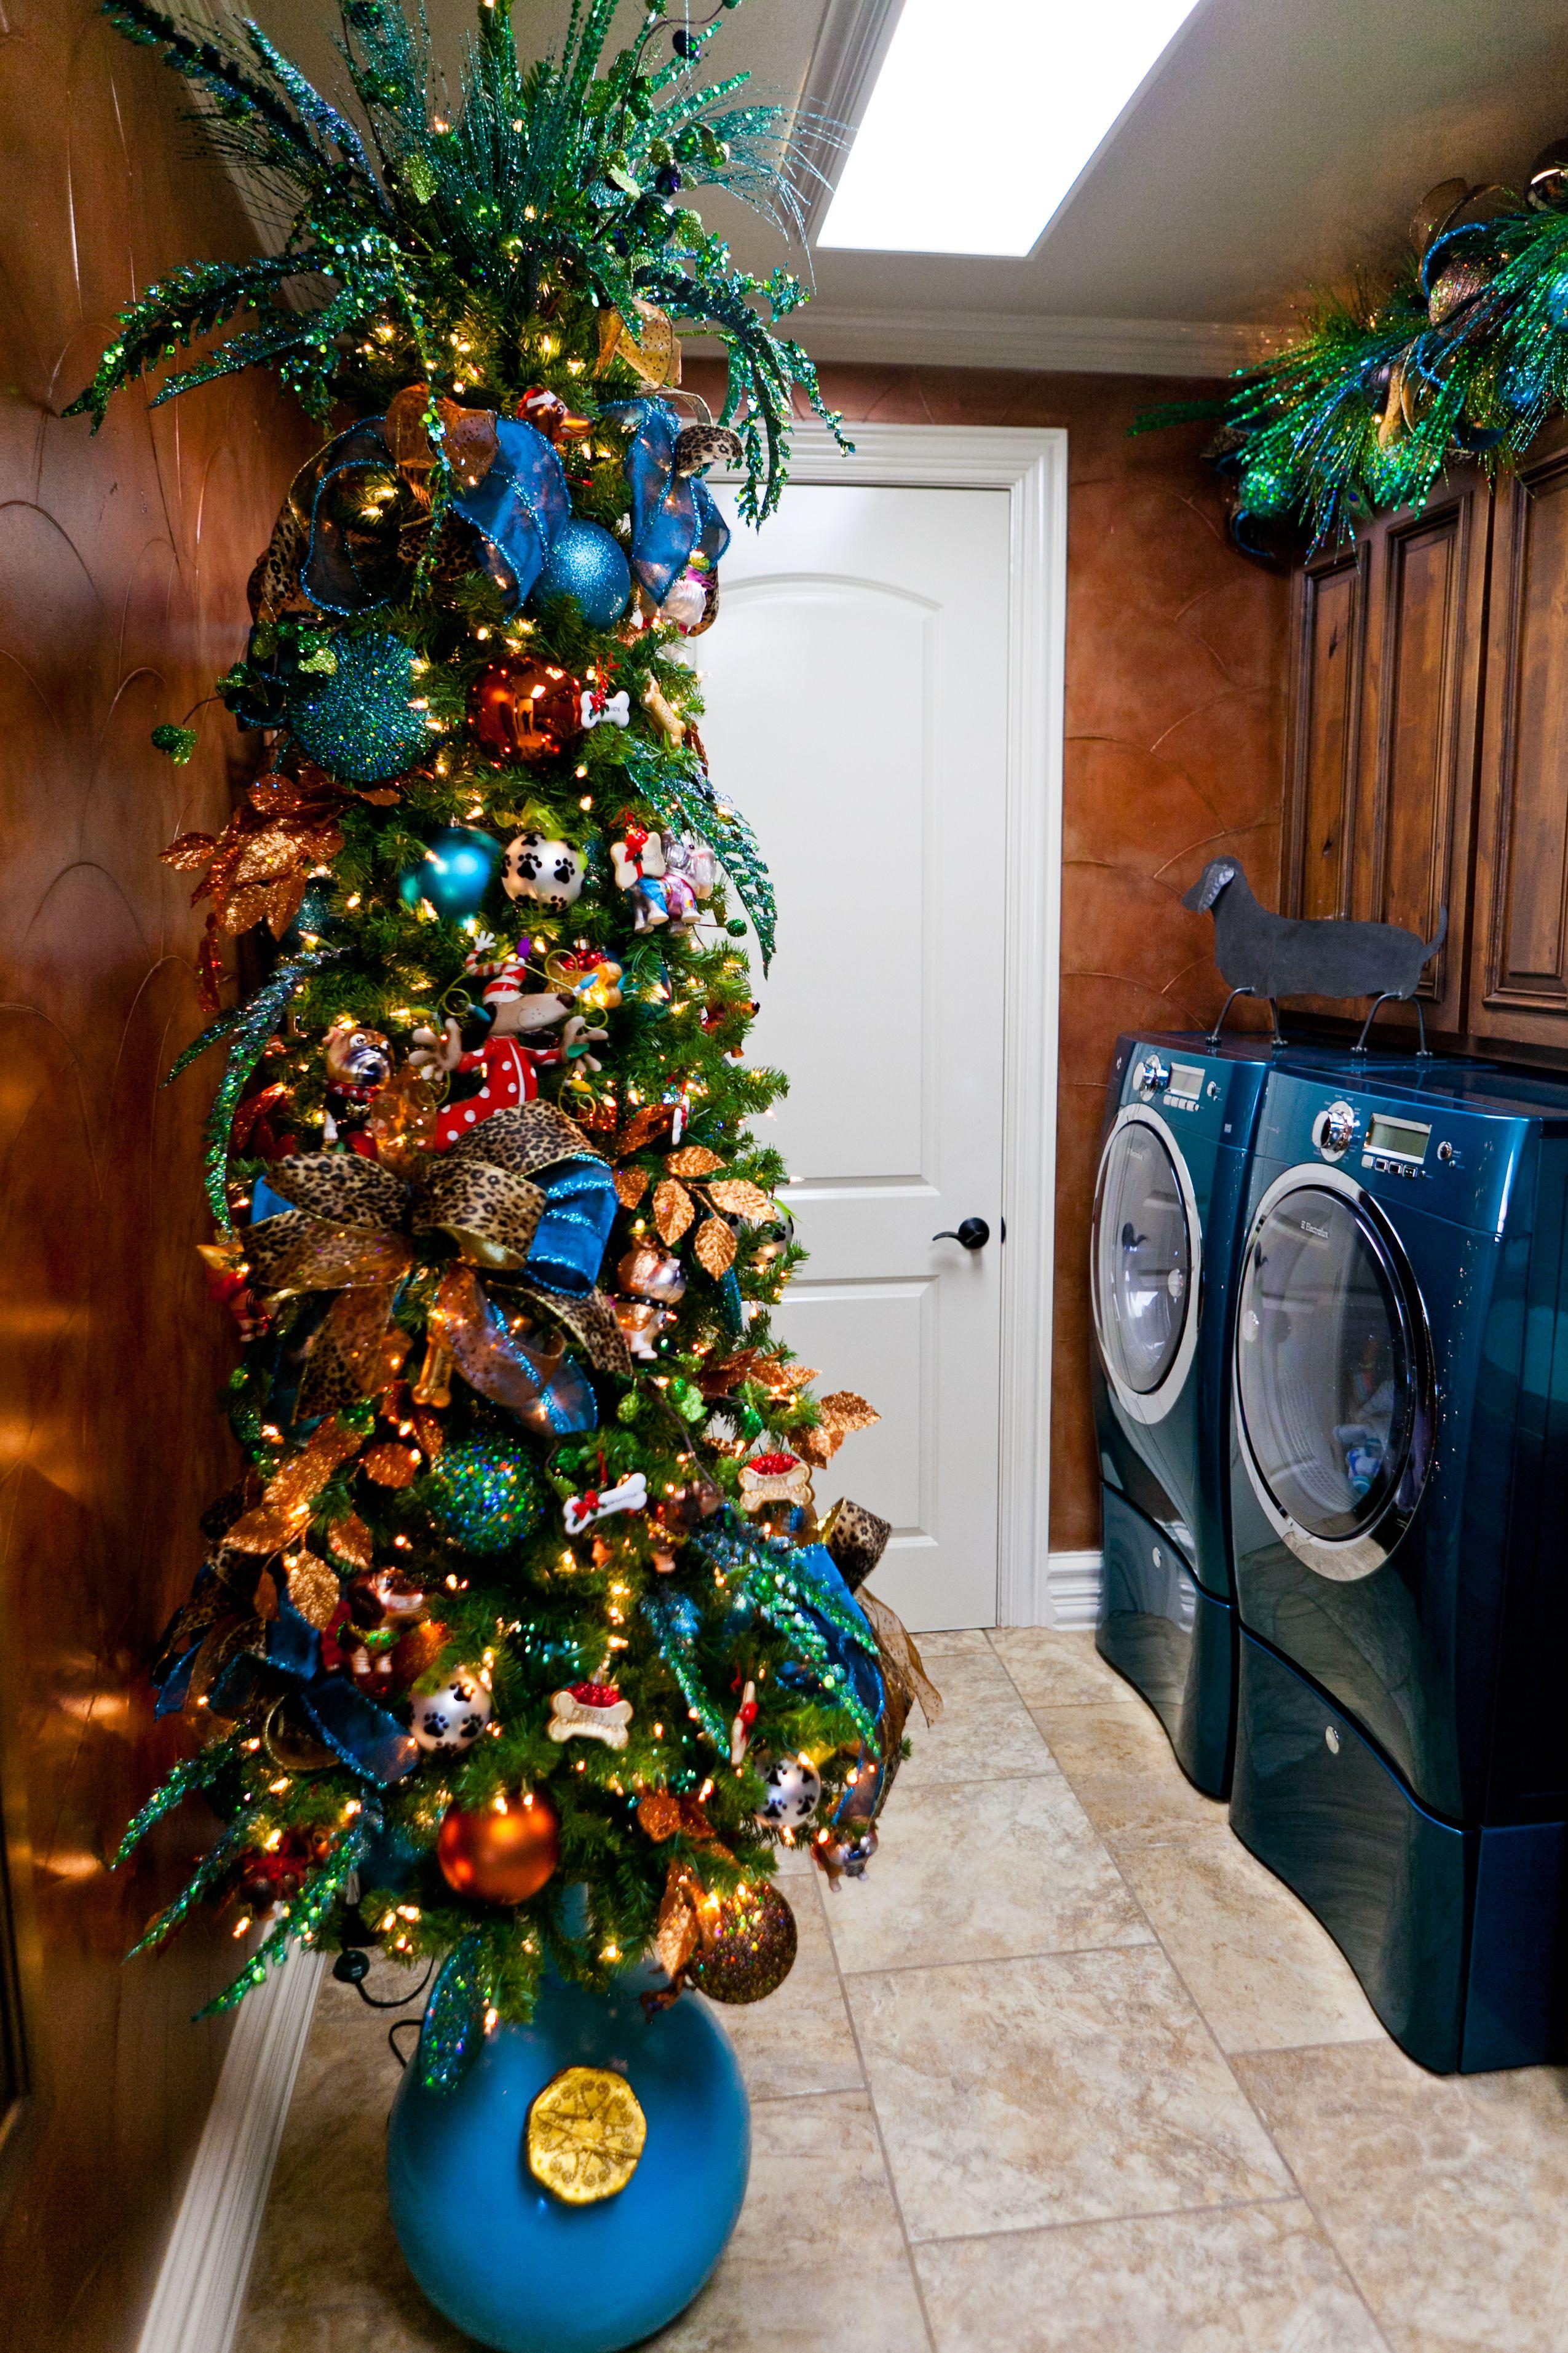 Peacock Themed Christmas Tree Laundry Room Decorated For Christmas Turquoise Christmas Decor Turquoise Green And Gold Christmas Tree Themes Slim Christmas Tree Gold Christmas Tree